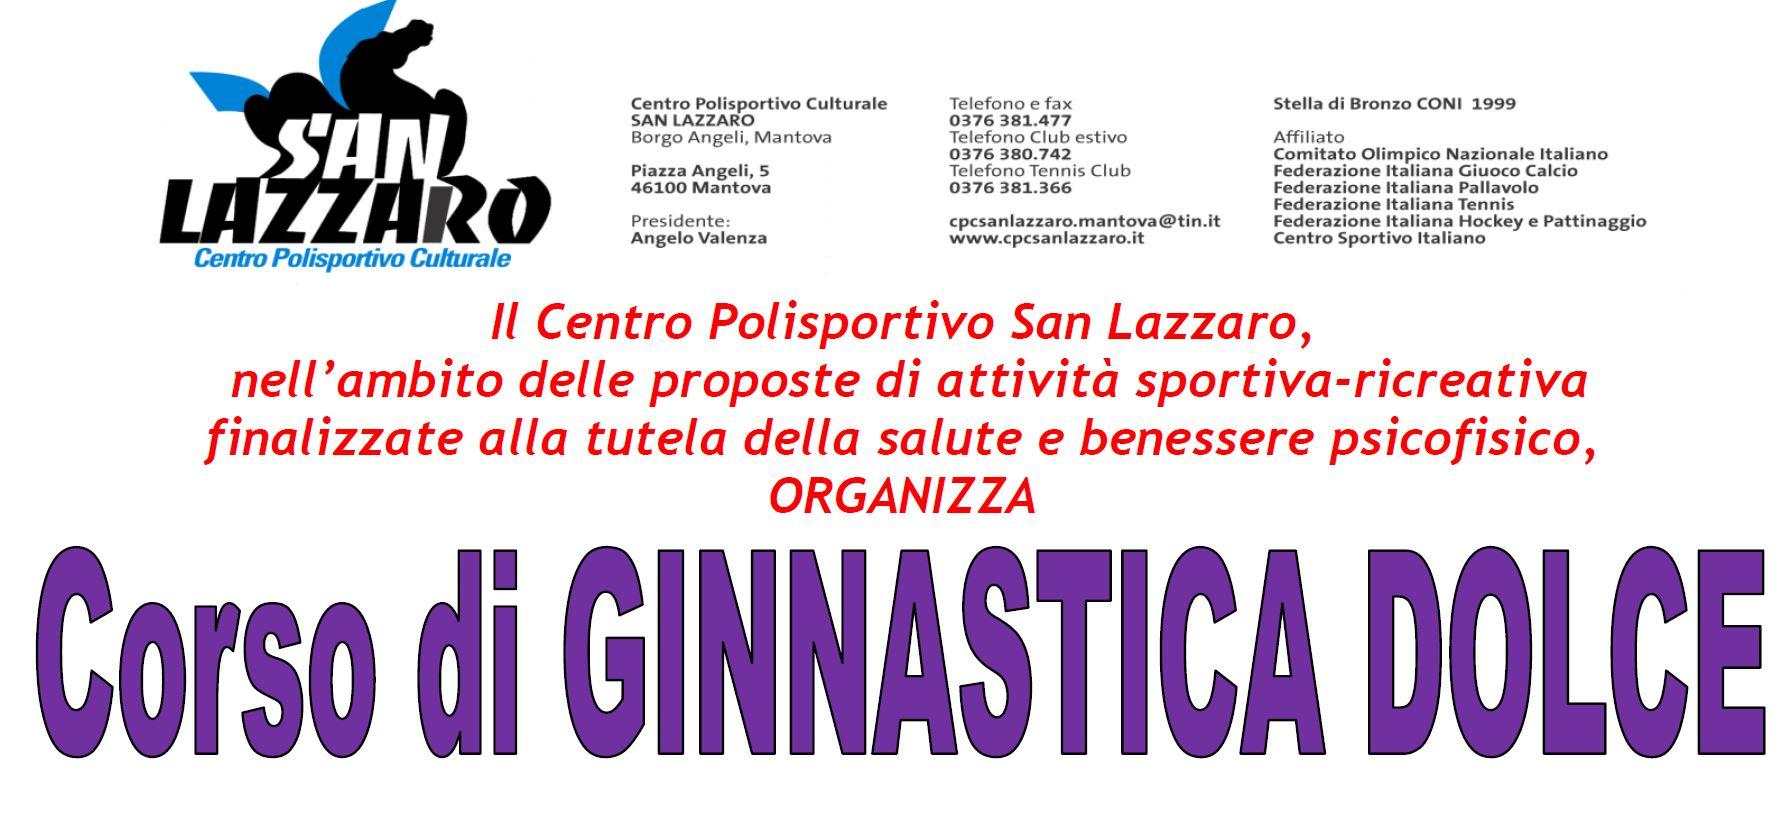 Centro Polisportivo E Culturale San Lazzaro Mantova Corso Di Ginnastica Dolce